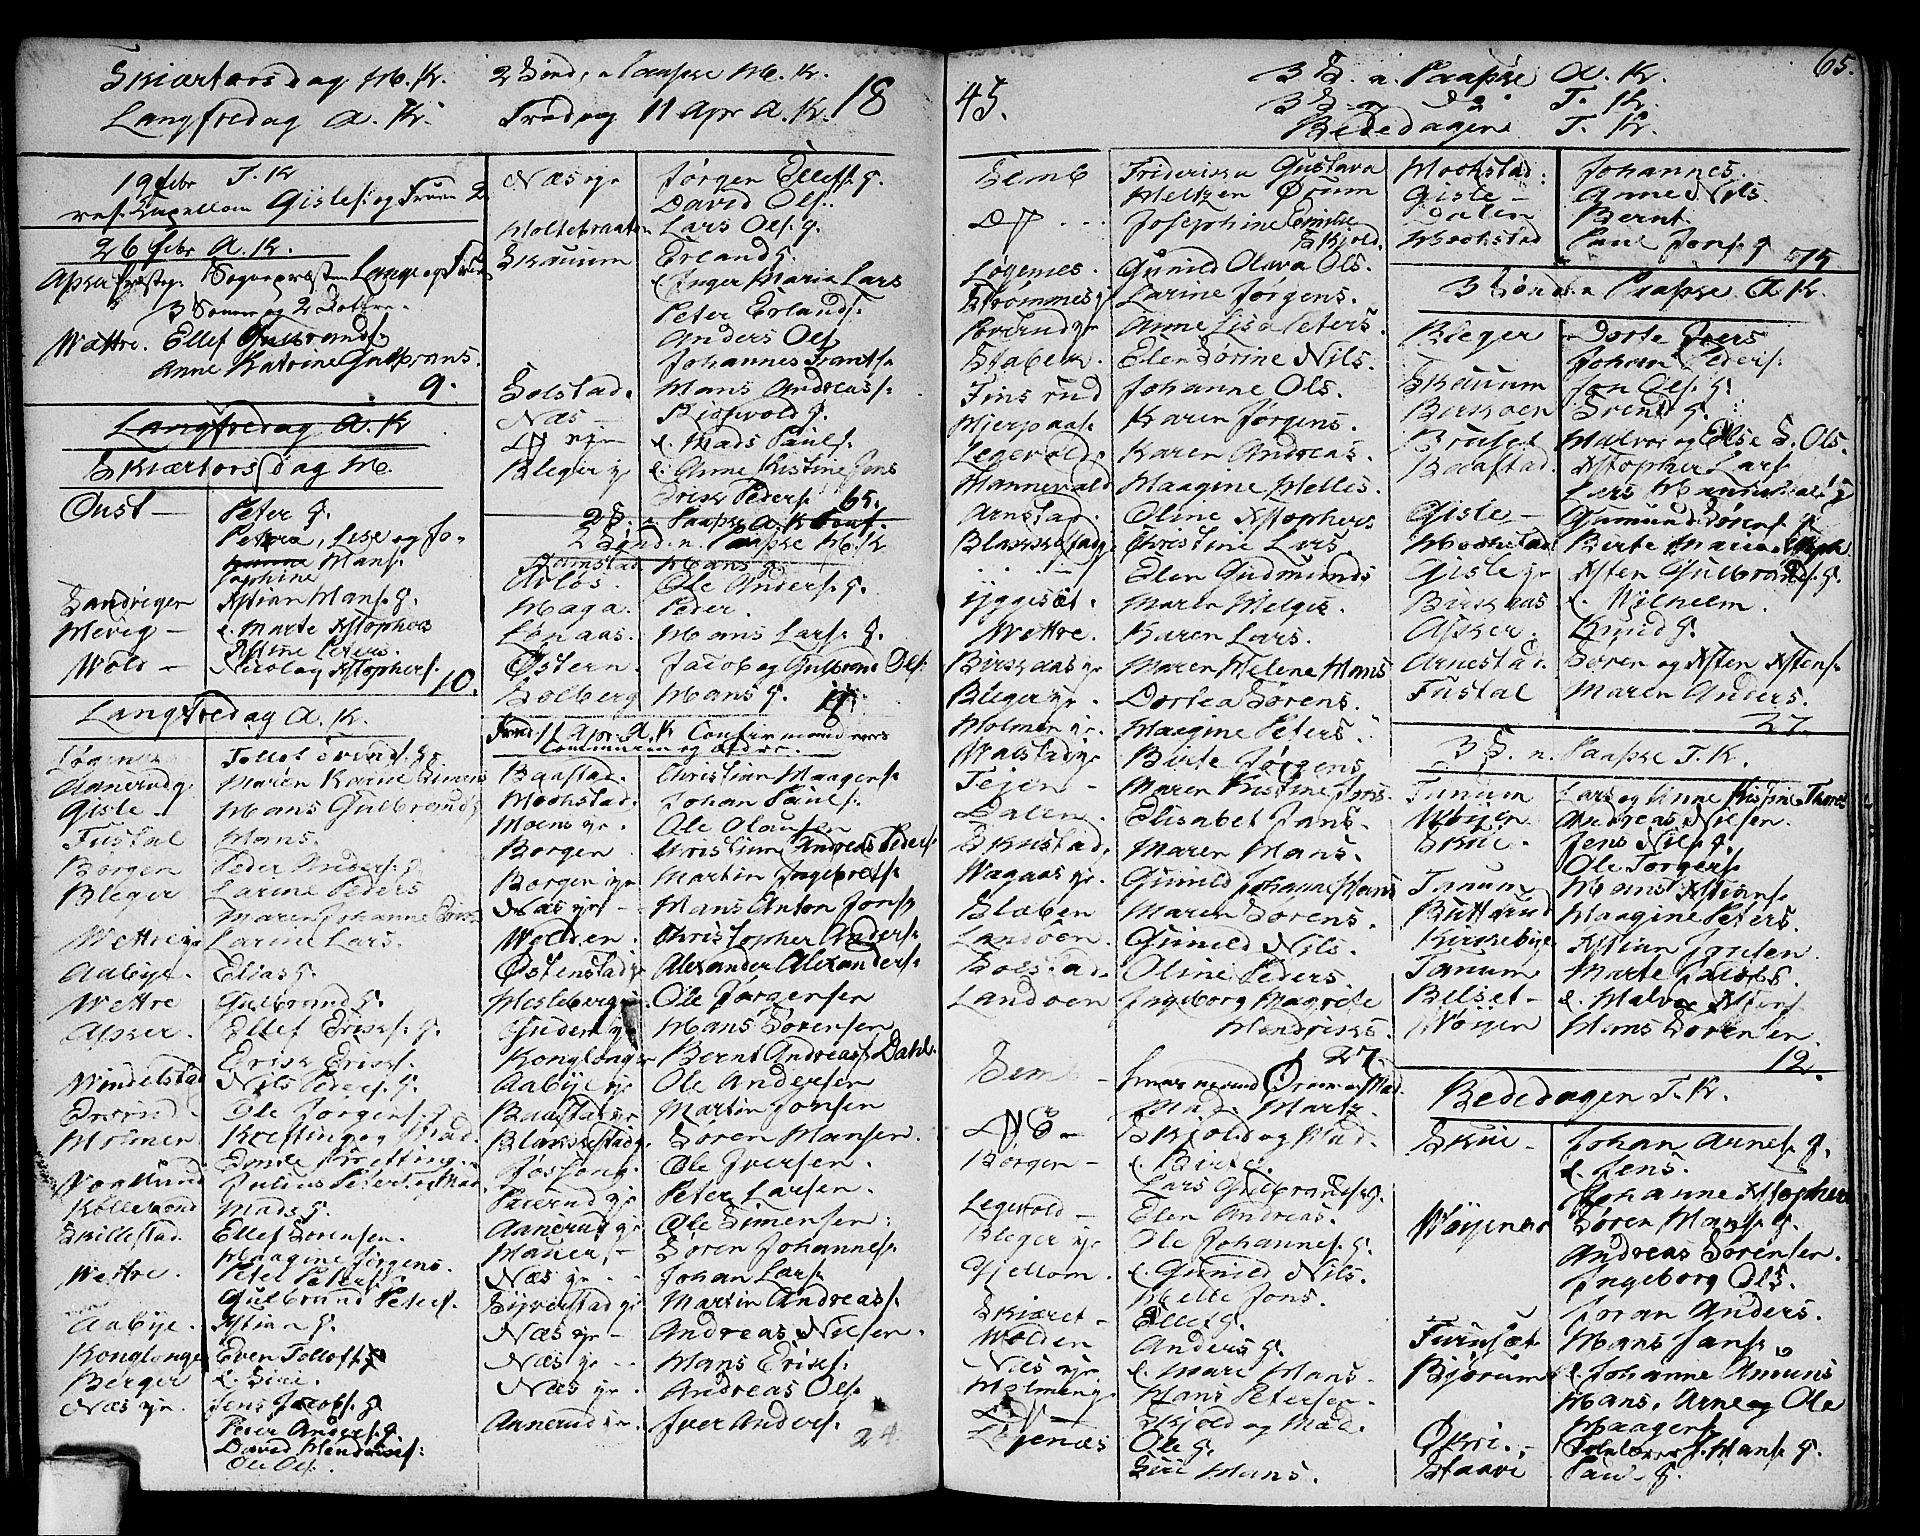 SAO, Asker prestekontor Kirkebøker, F/Fa/L0005: Ministerialbok nr. I 5, 1807-1813, s. 65